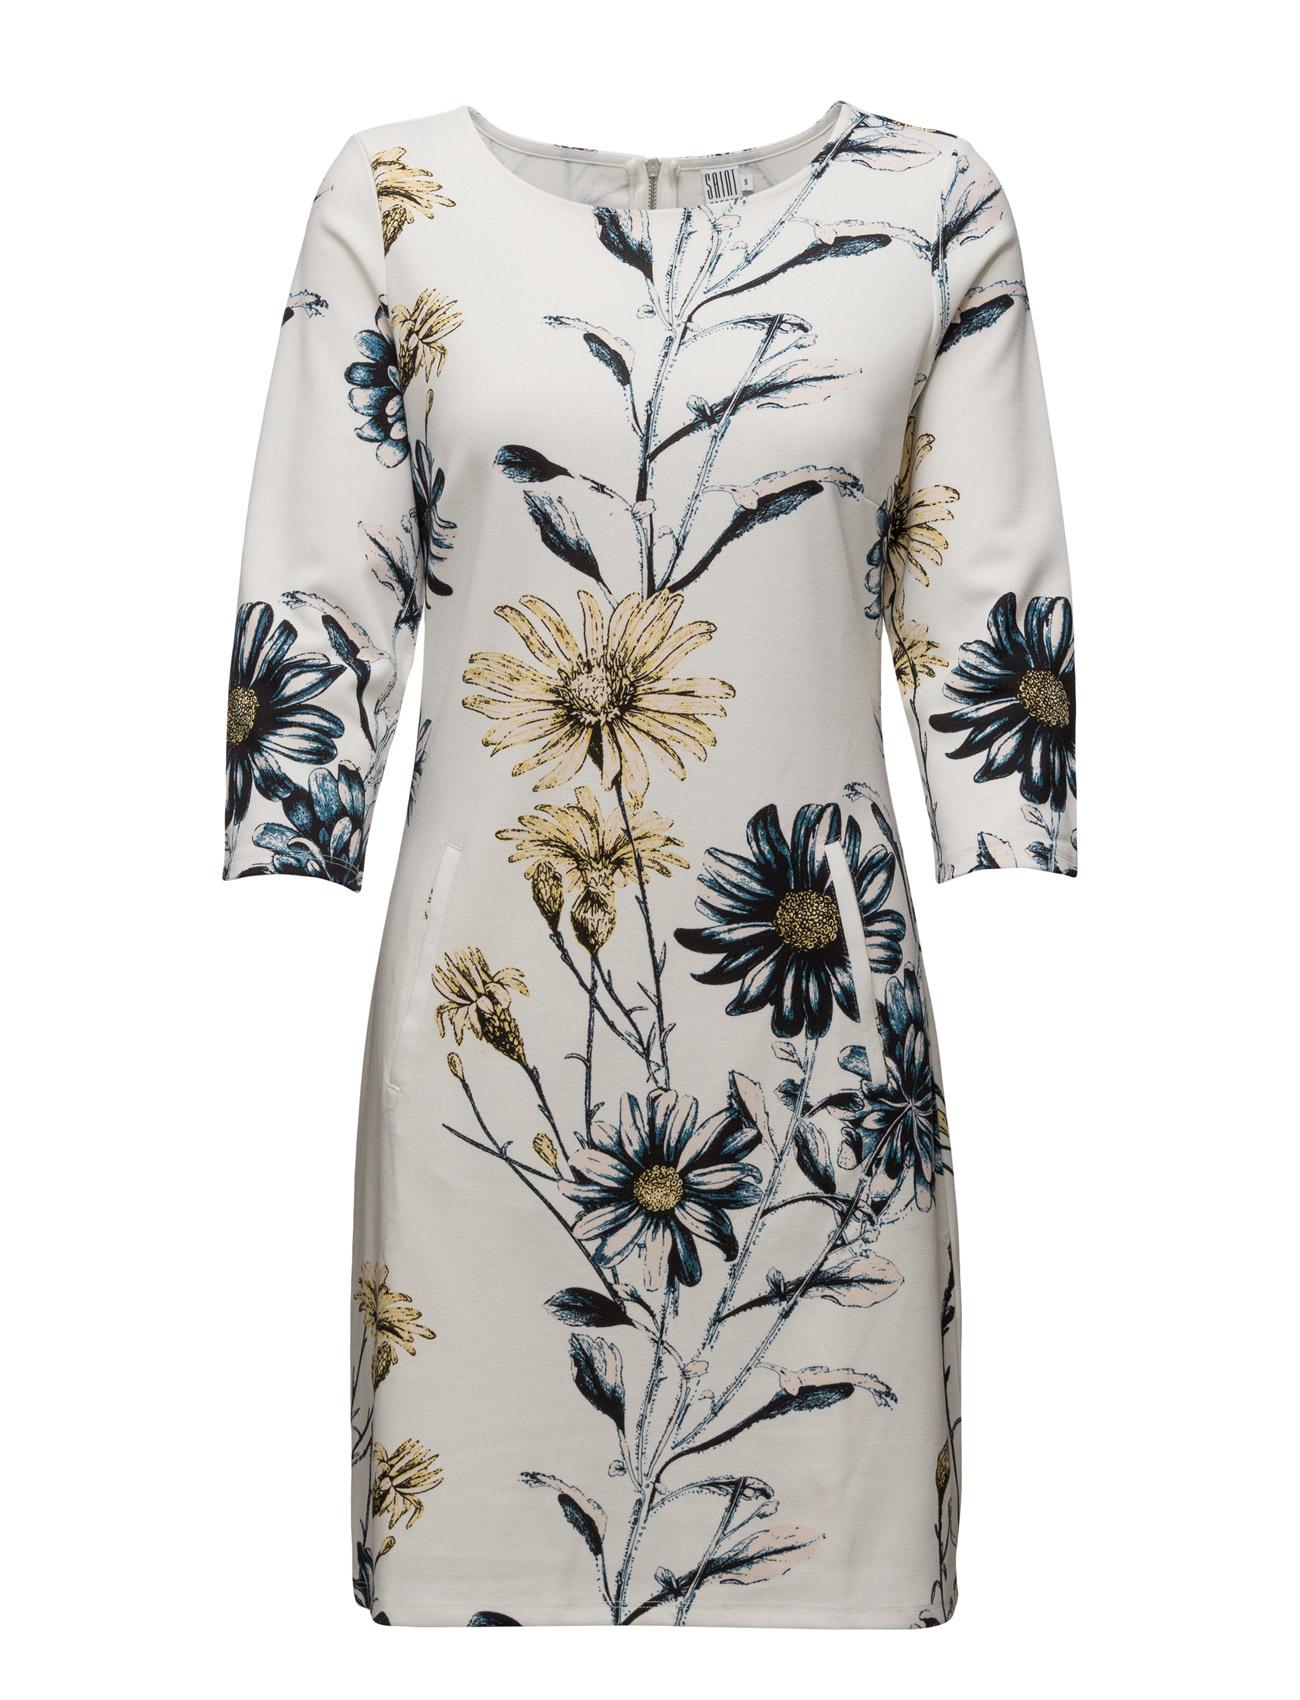 amp; Jersey Knælange Mellemlange Saint Dress Print Daisy Til Tropez 674xqRY7w